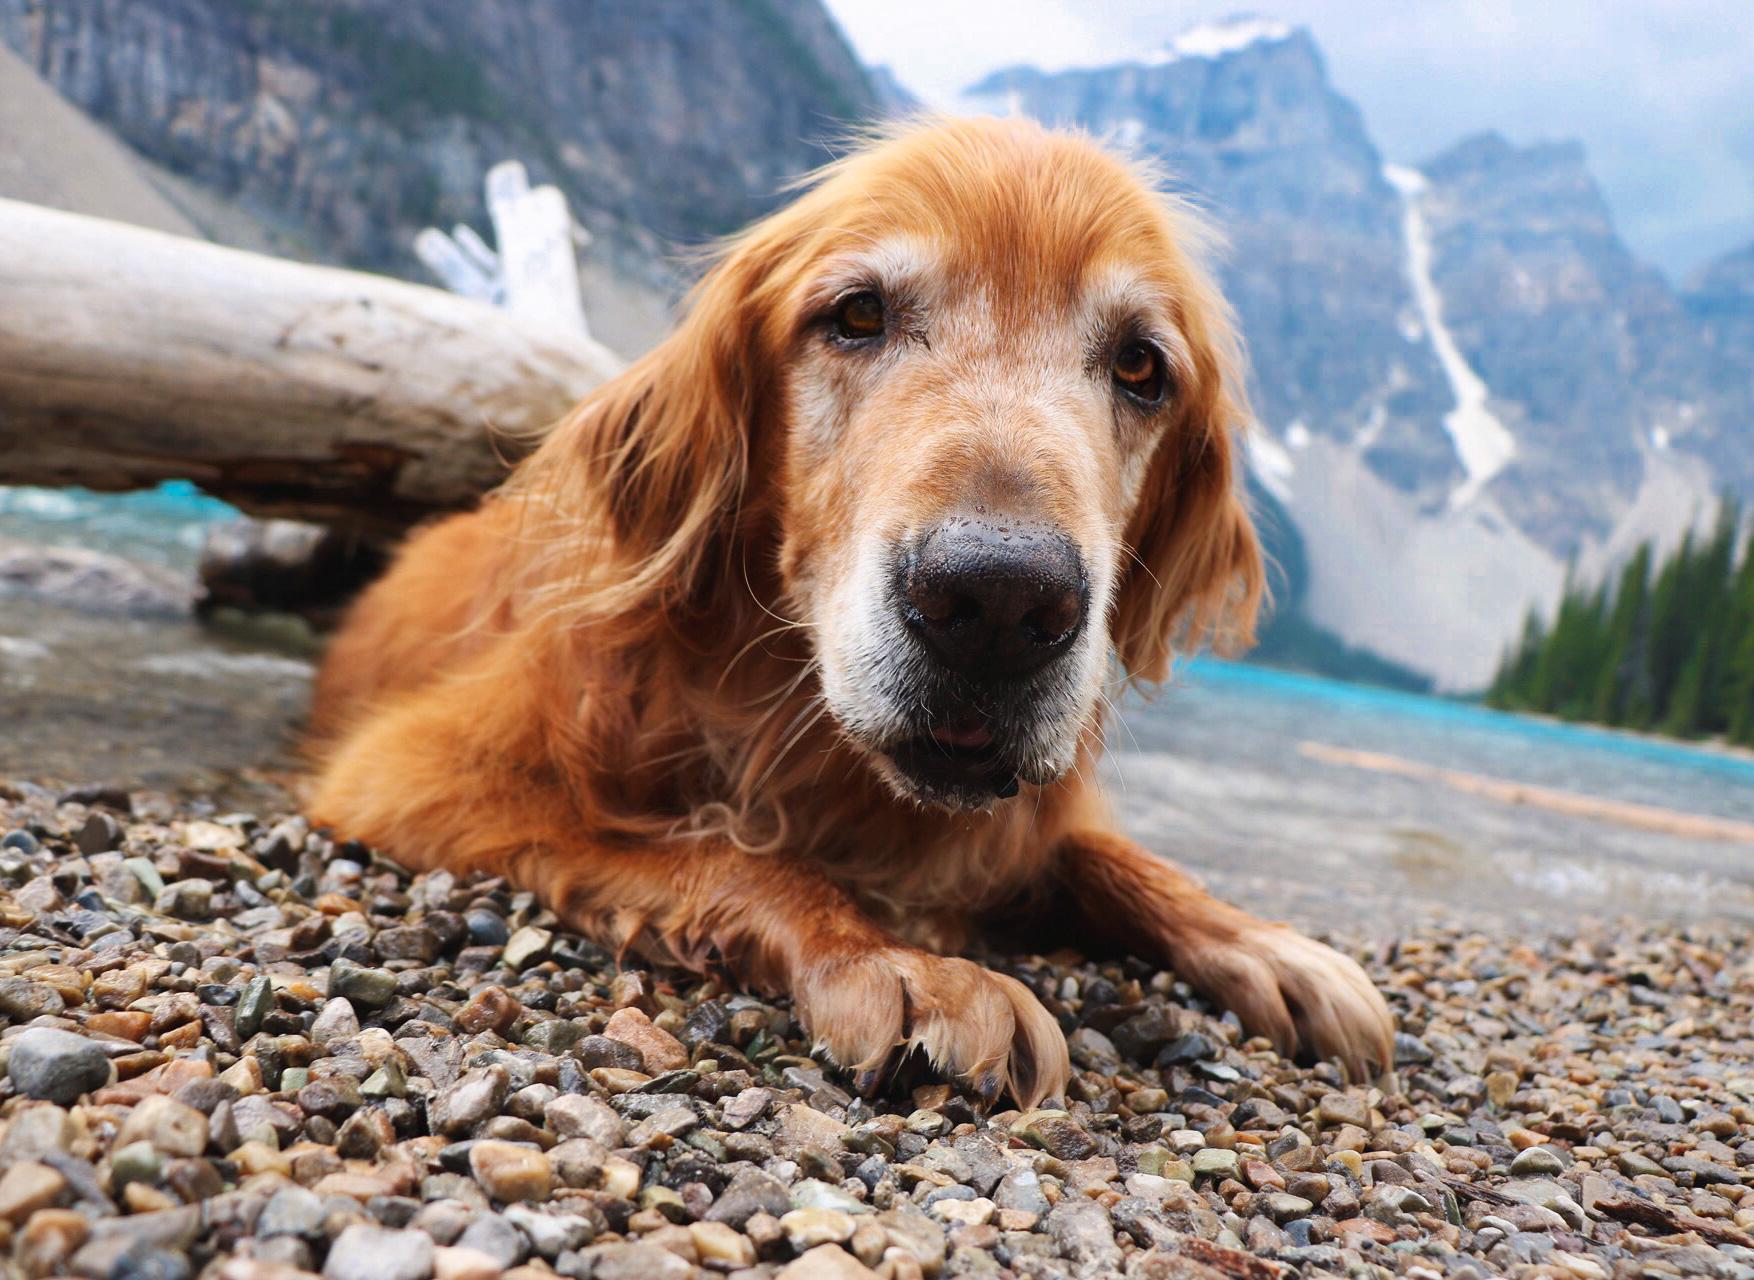 dog eye level